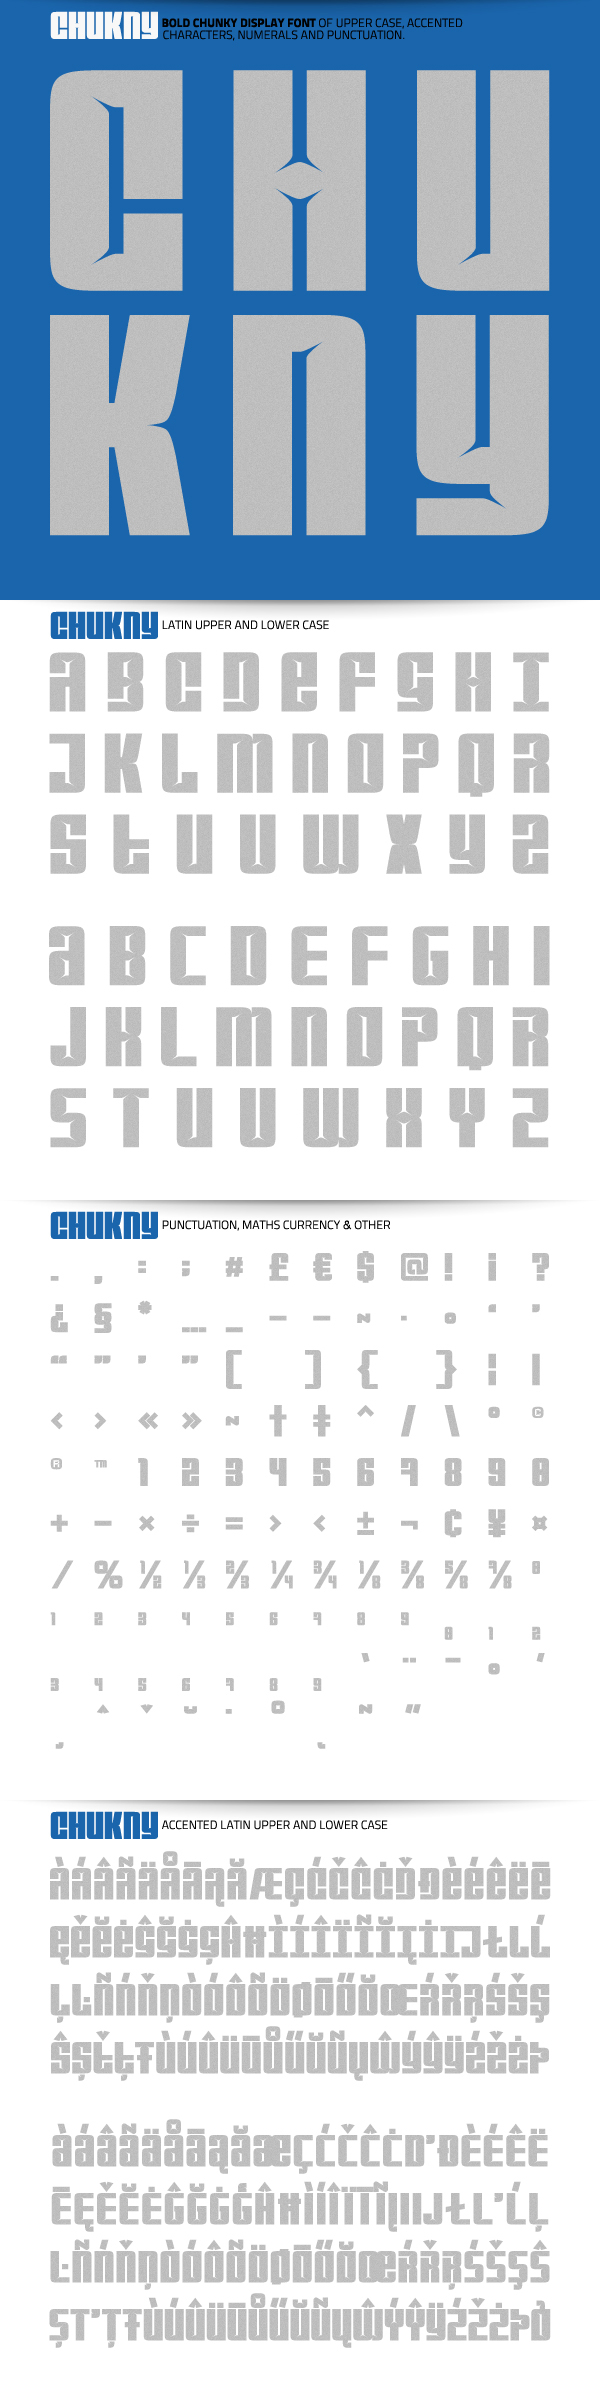 Chukny Typeface by atobgraphics